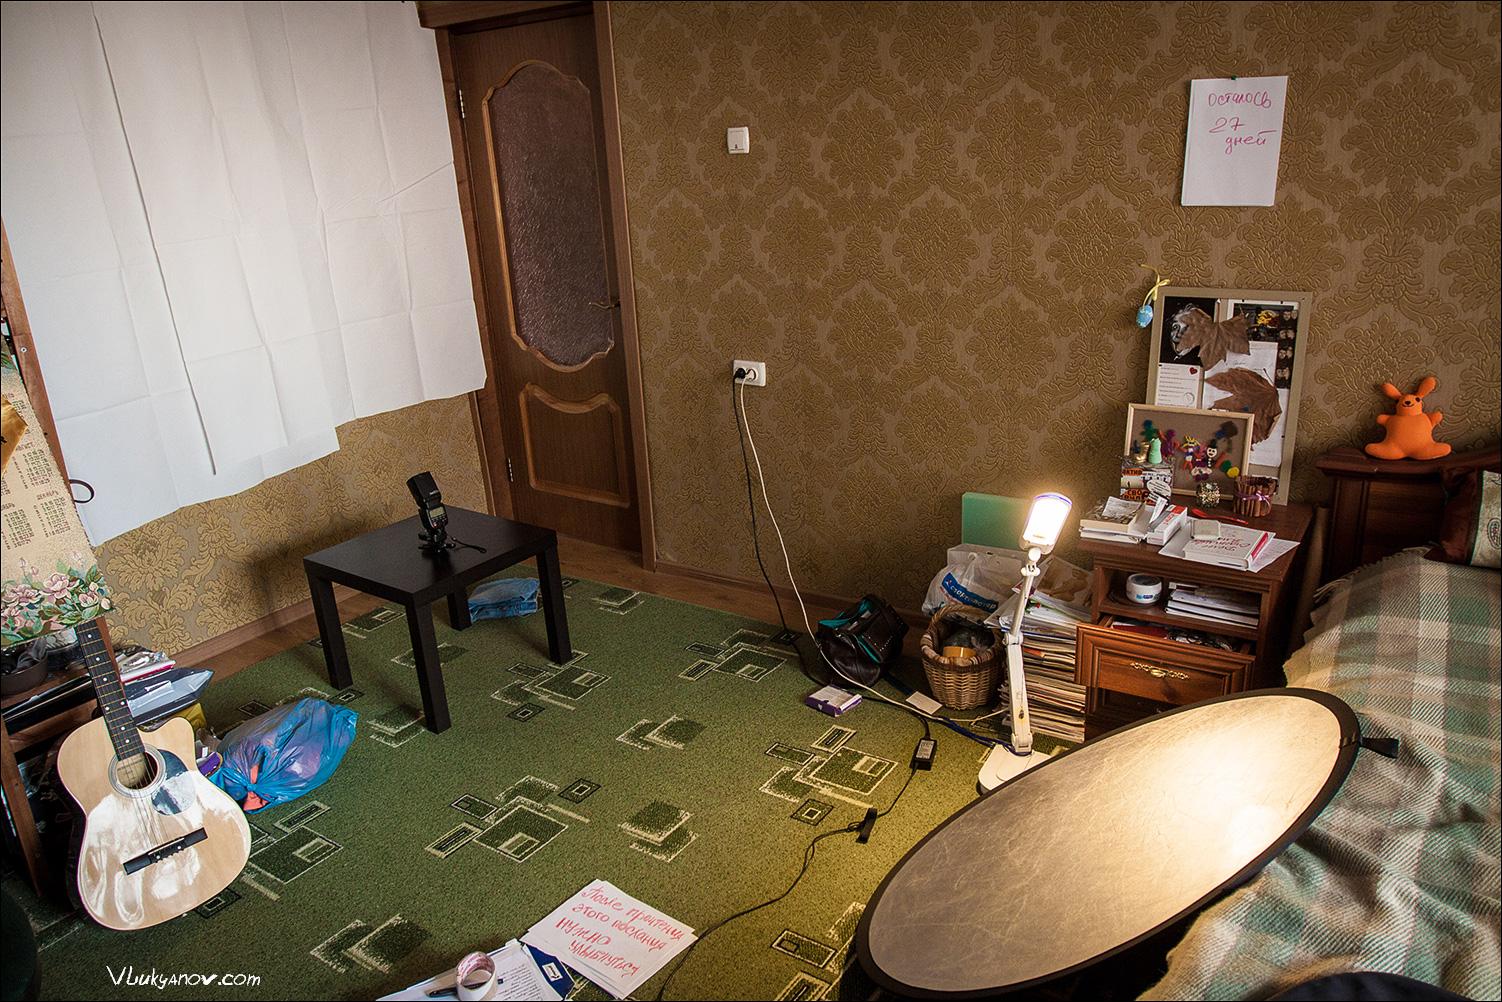 Фотограф, Москва, Владимир Лукьянов, фотостудия в домашних условиях